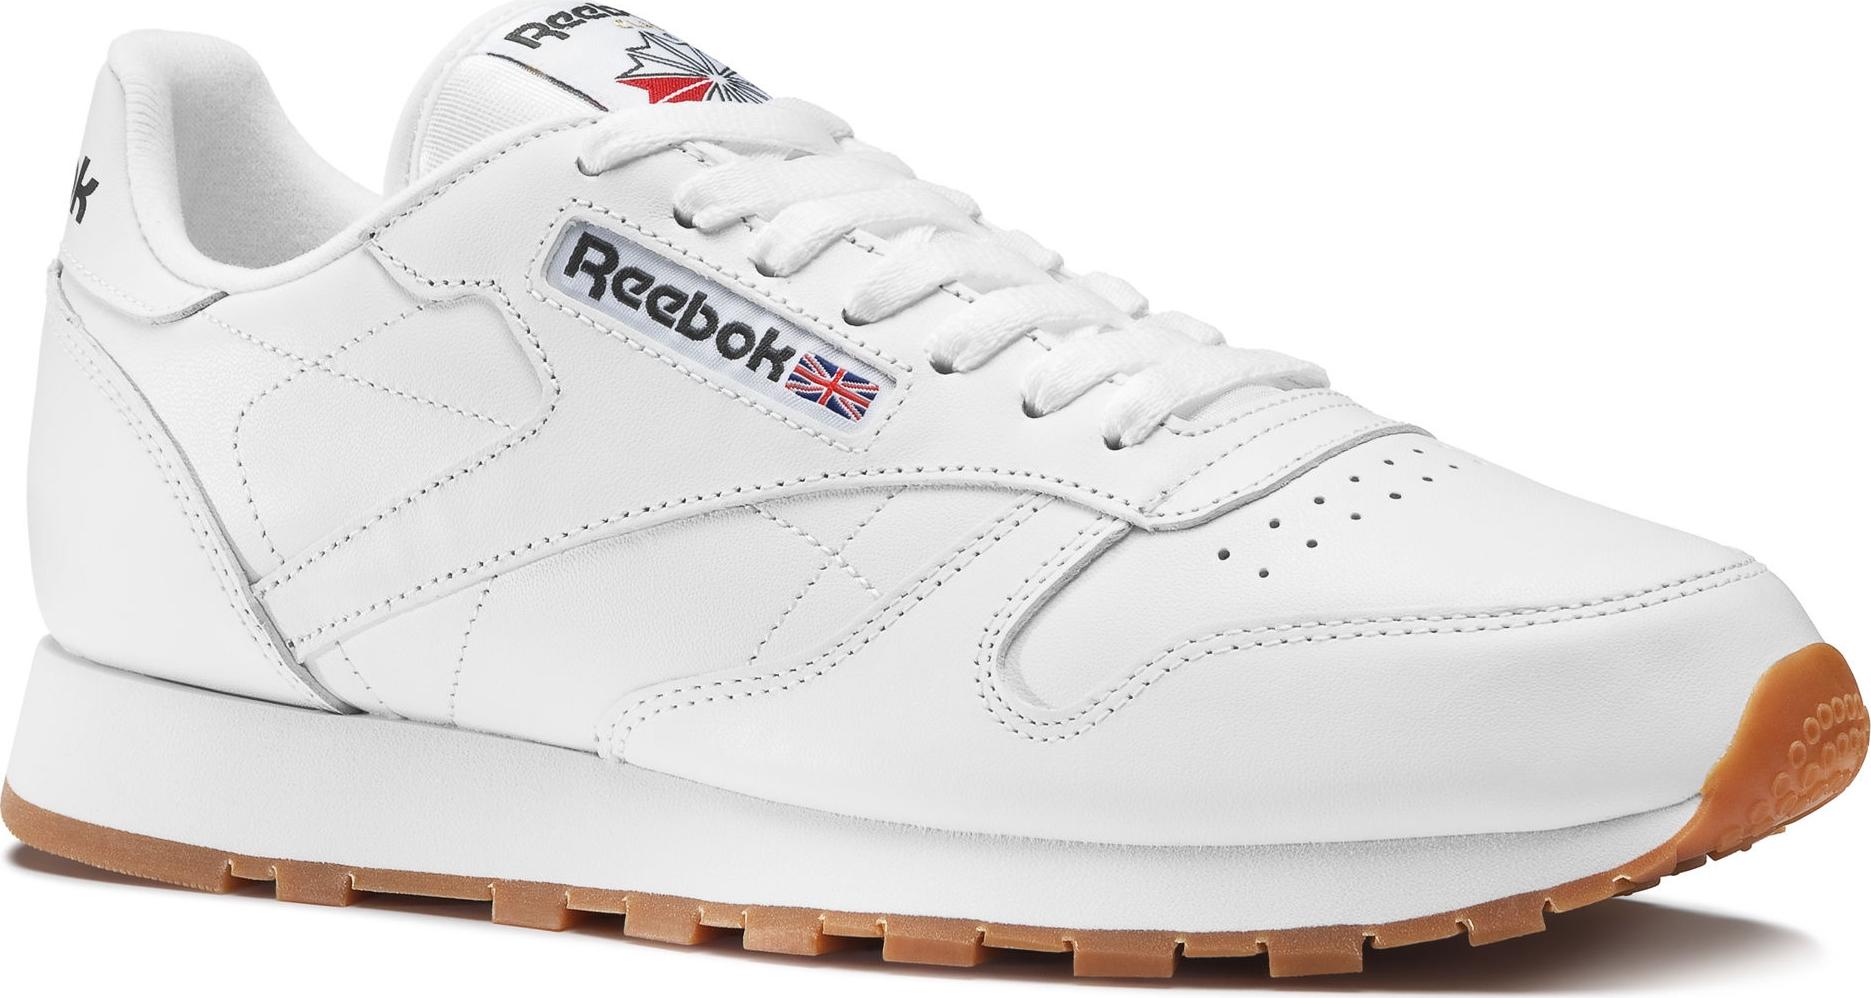 Кроссовки Reebok Cl Lthr кроссовки женские reebok cl lthr цвет бежевый cn5467 размер 36 6